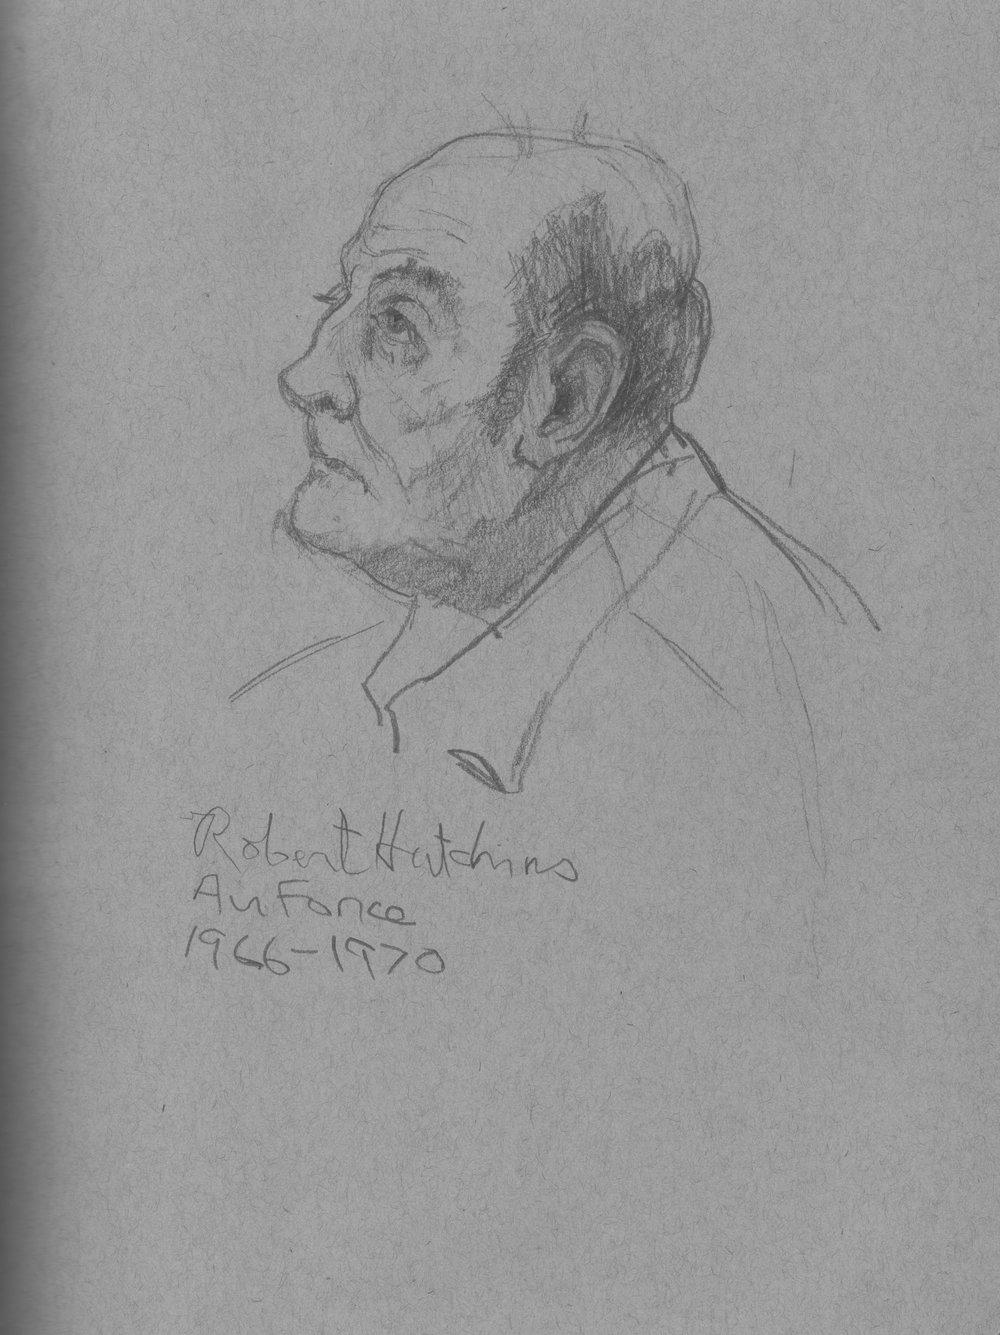 Robert Hutchins